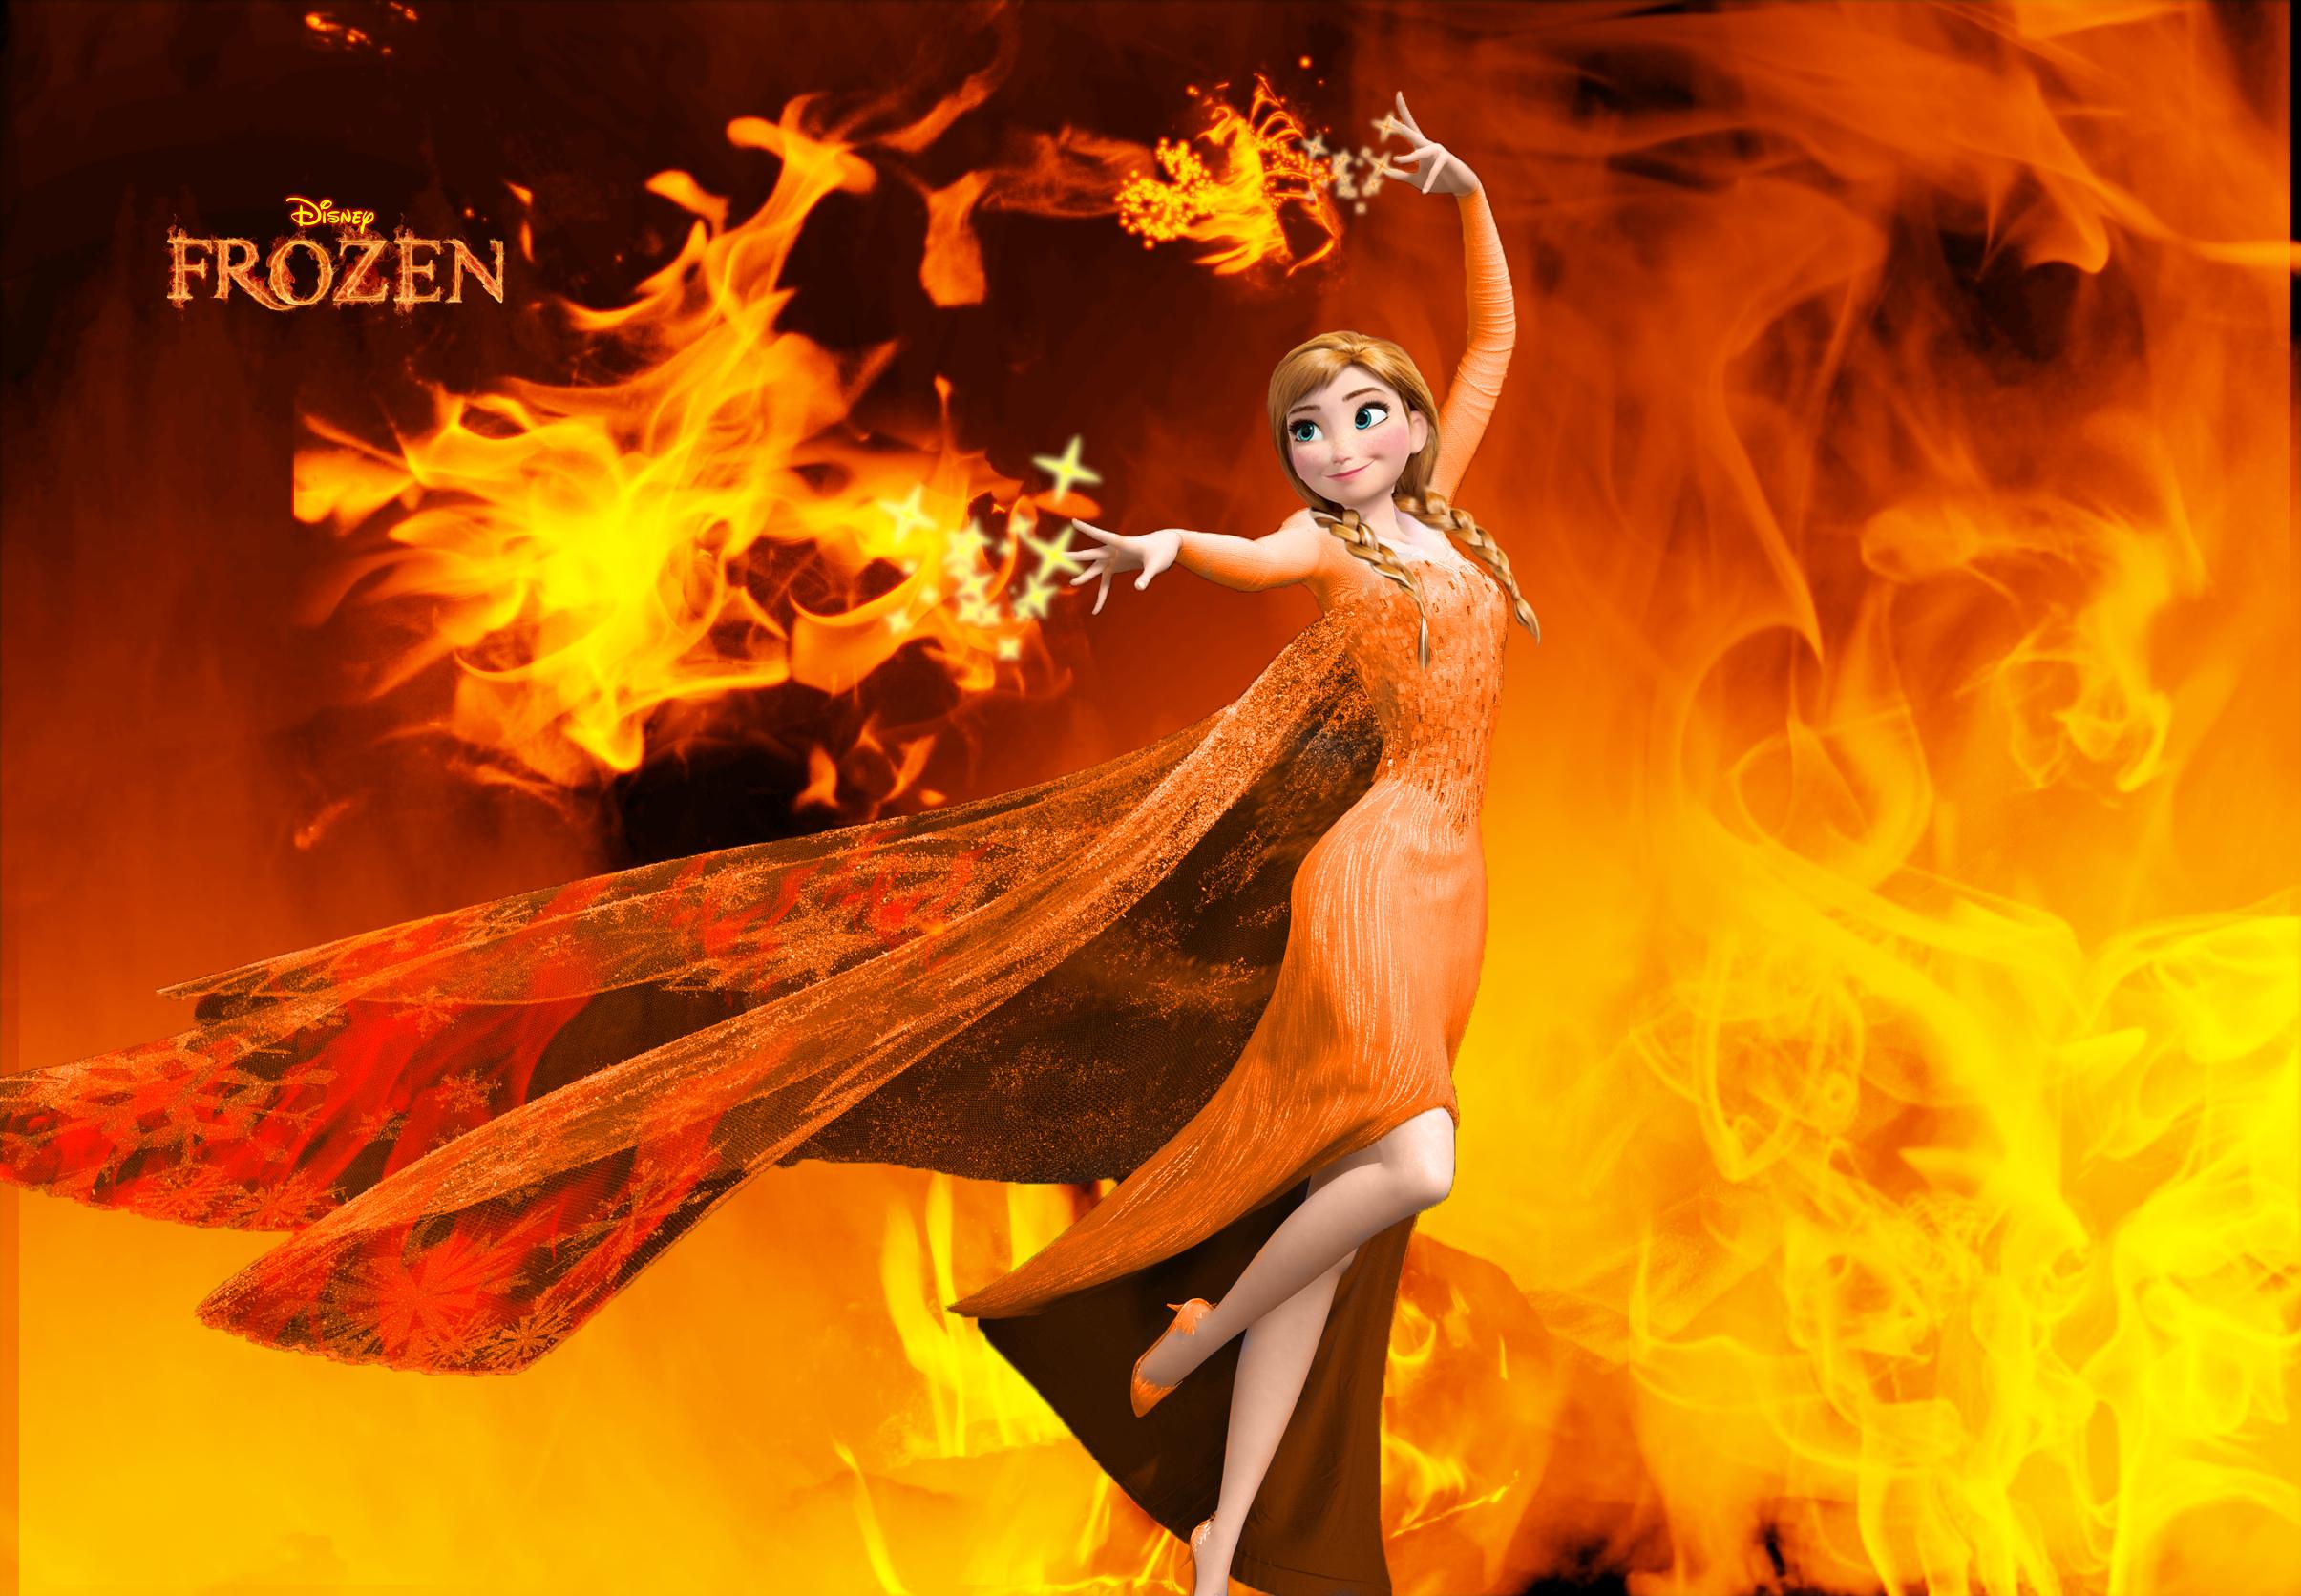 Wallpaper - Frozen - Anna the Fire Princess by ...